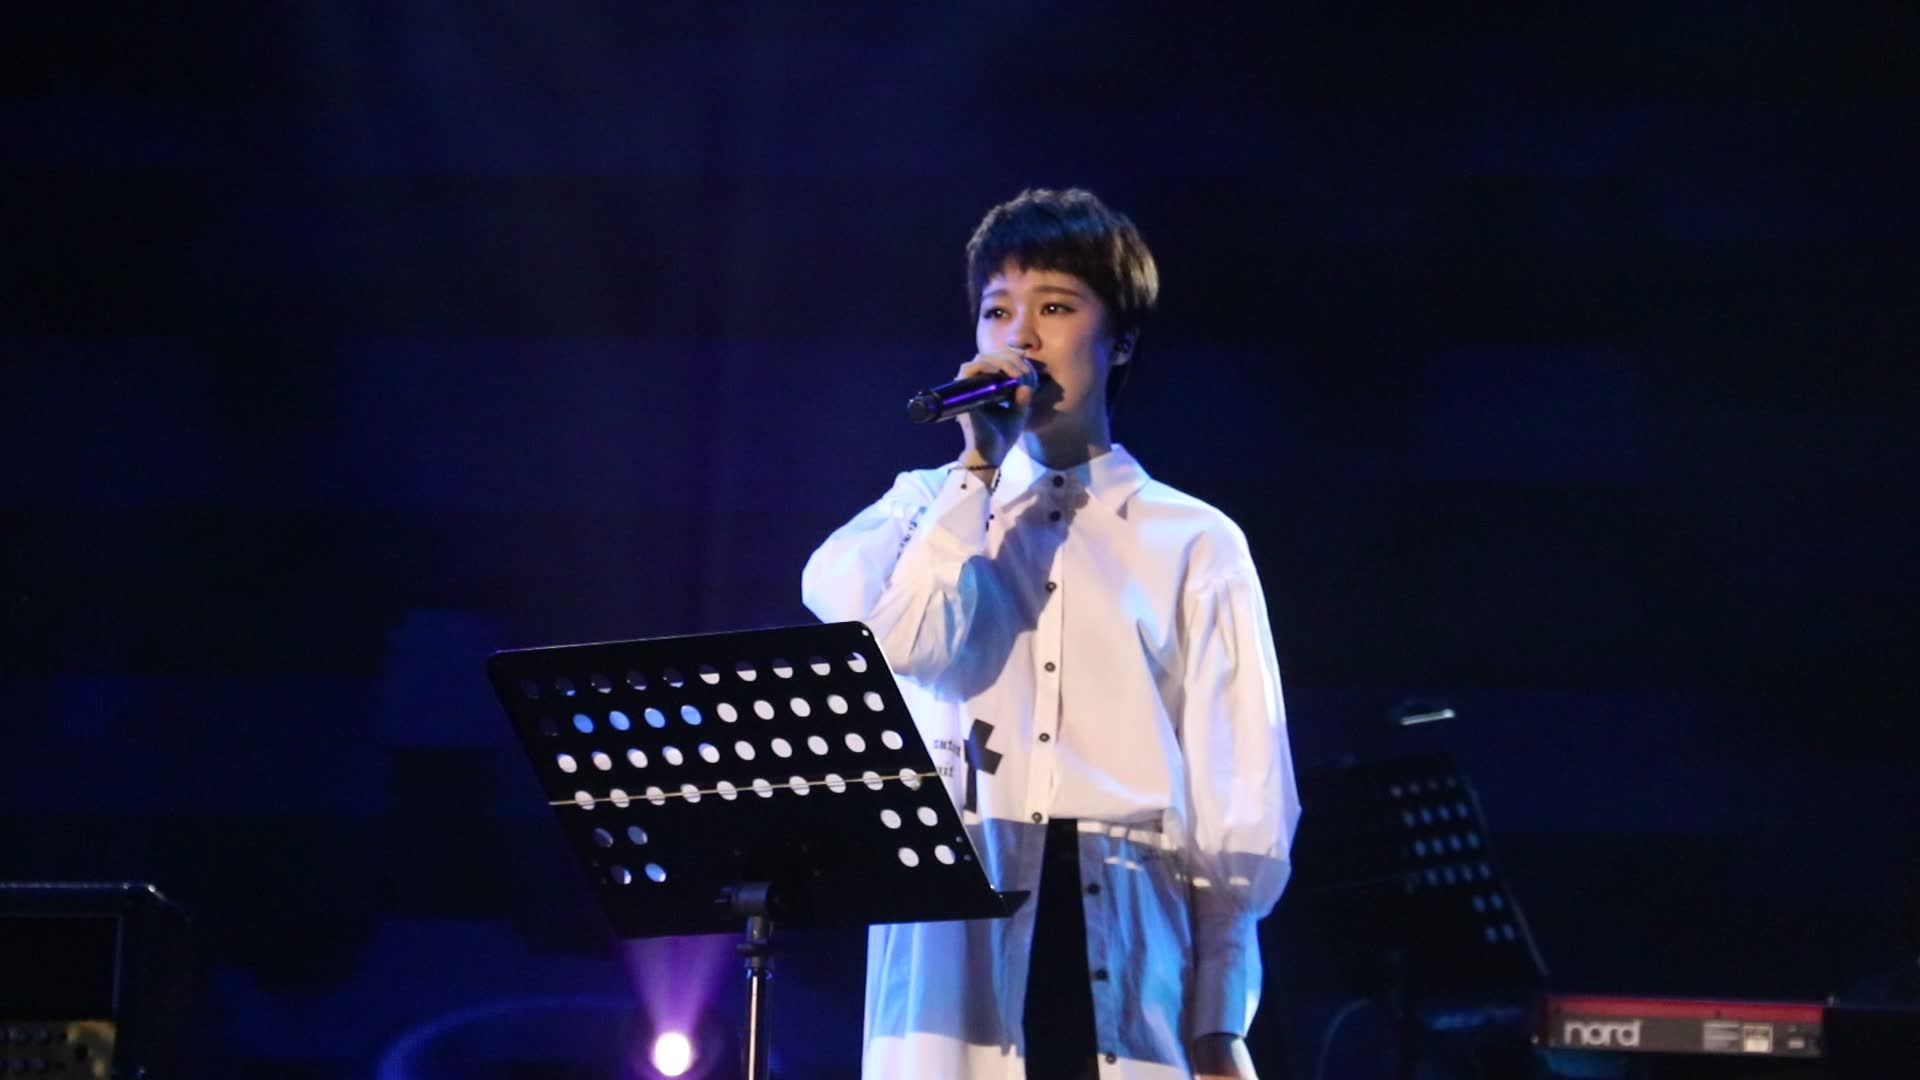 点赞郁可唯演唱weareone半妖倾城主题曲live一个很好听的英语